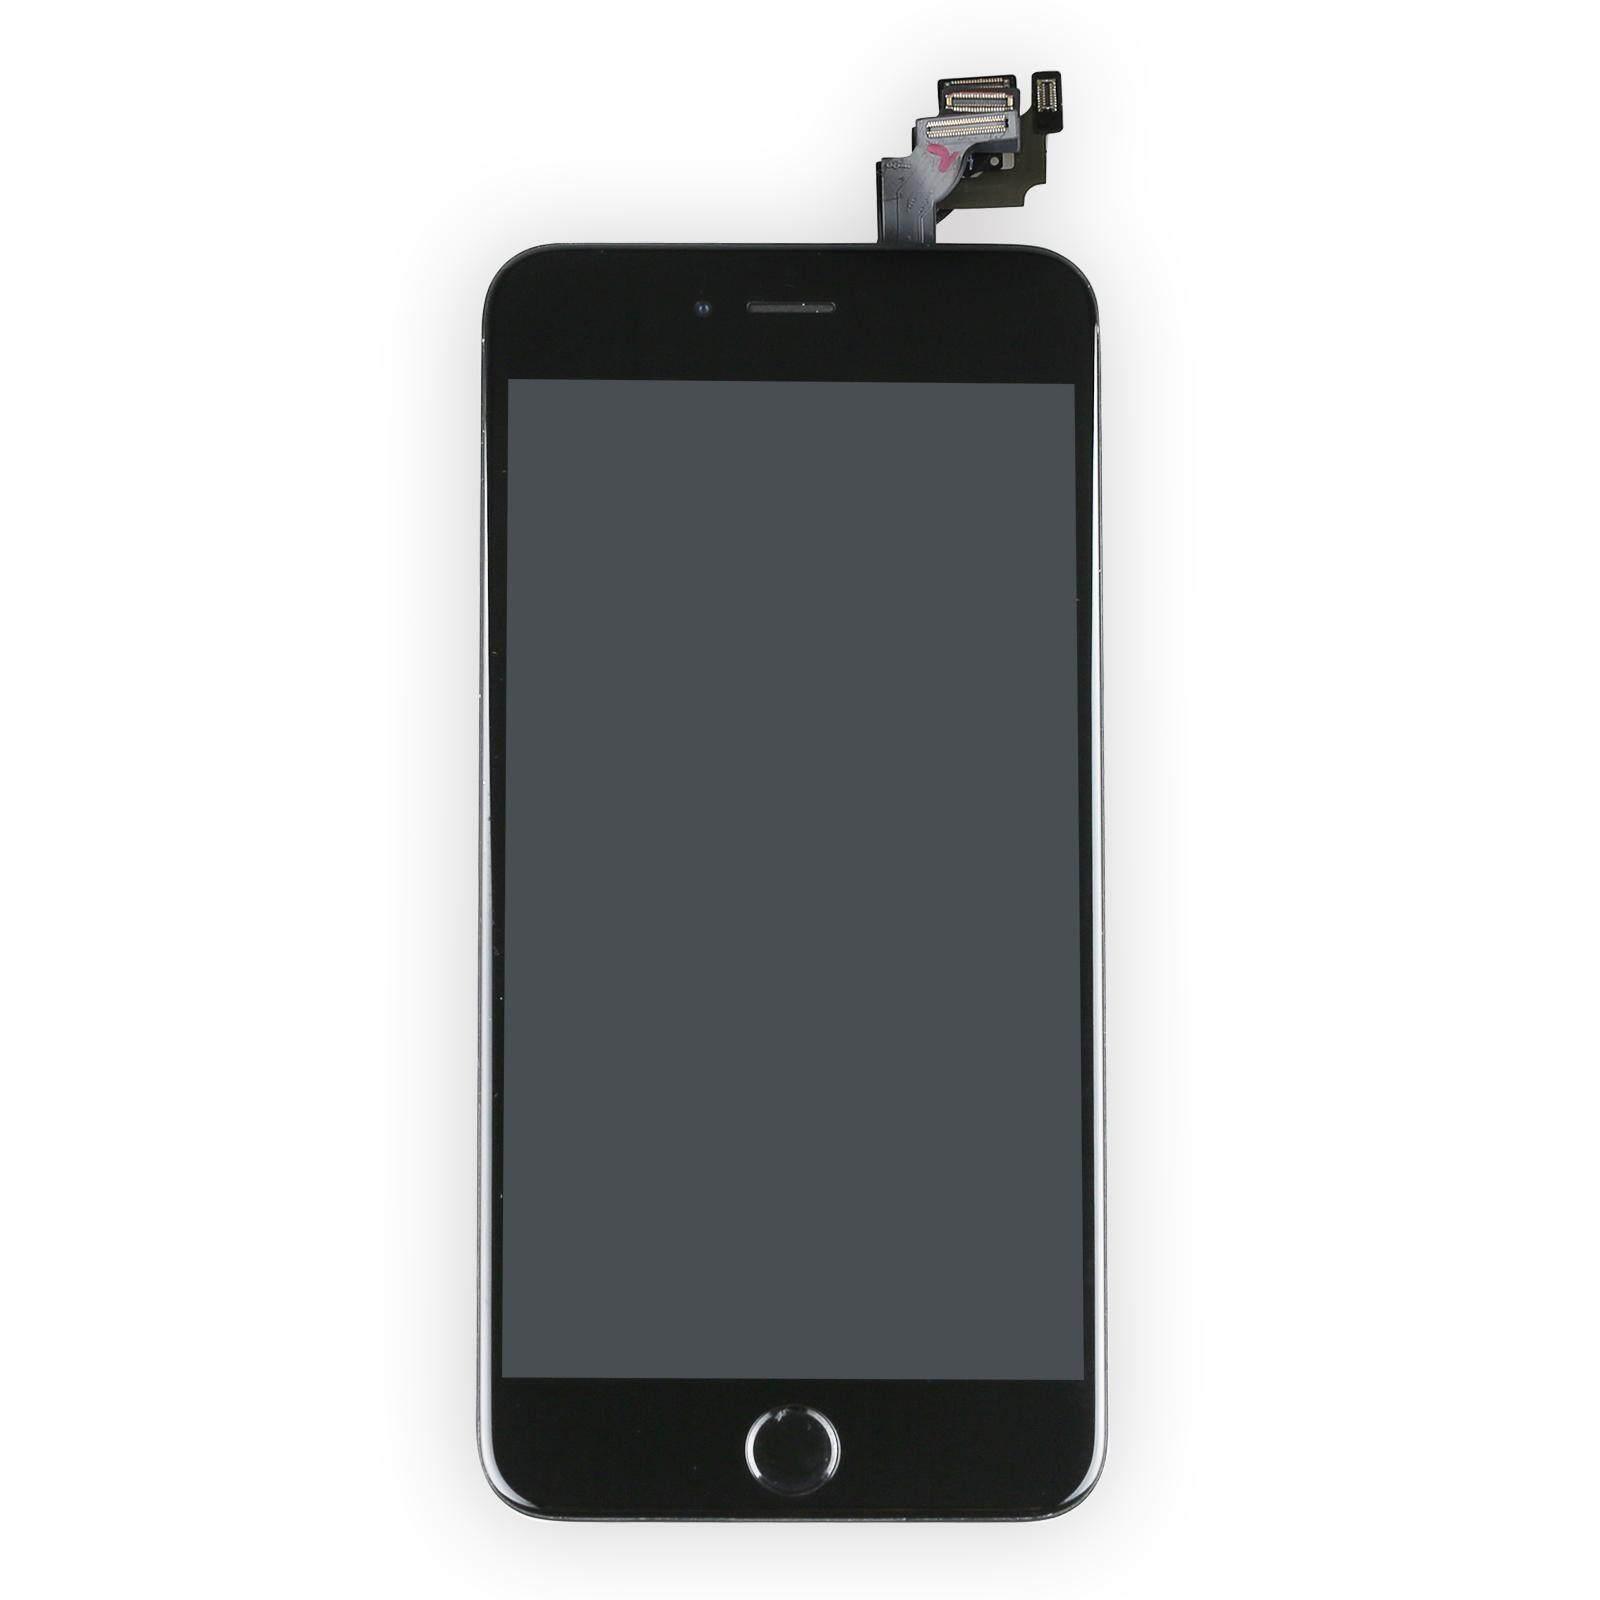 Easybuy New Putih 24 Luar Layar Sentuh Digitizer Cocok Untuk Lg L70 Source · Hot Deals LL Trader Layar LCD untuk iPhone 6 Plus Hitam Putih Penuh Tampilan